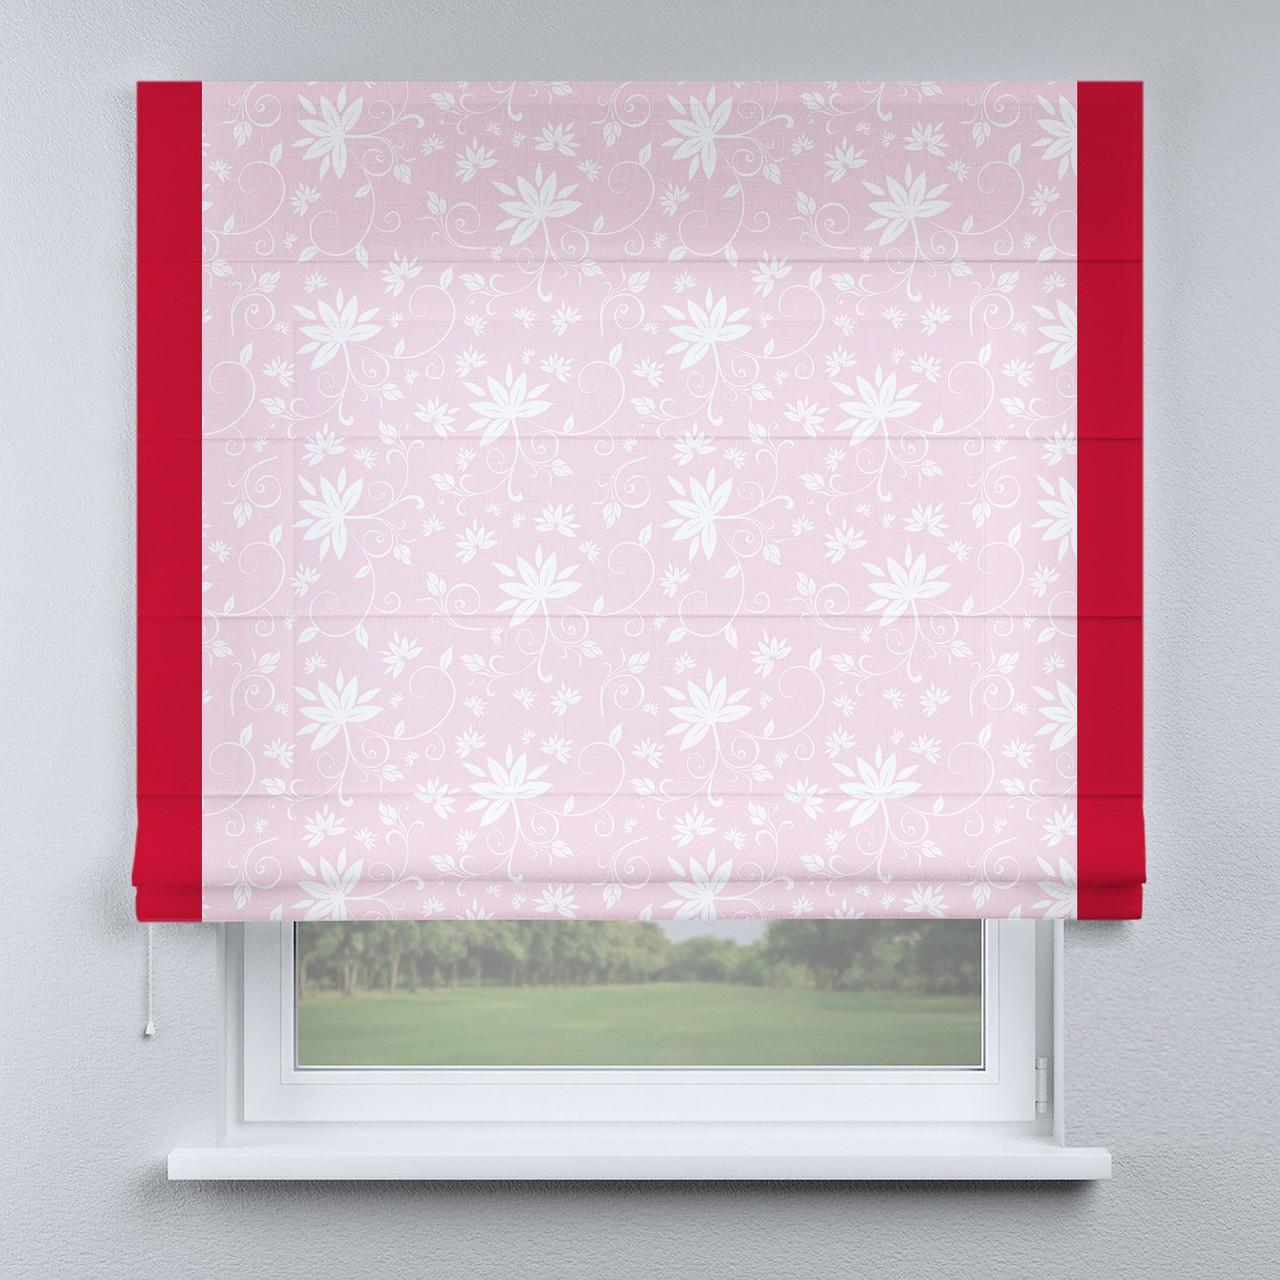 Римская фото штора розовая цветы белые с кантом красным